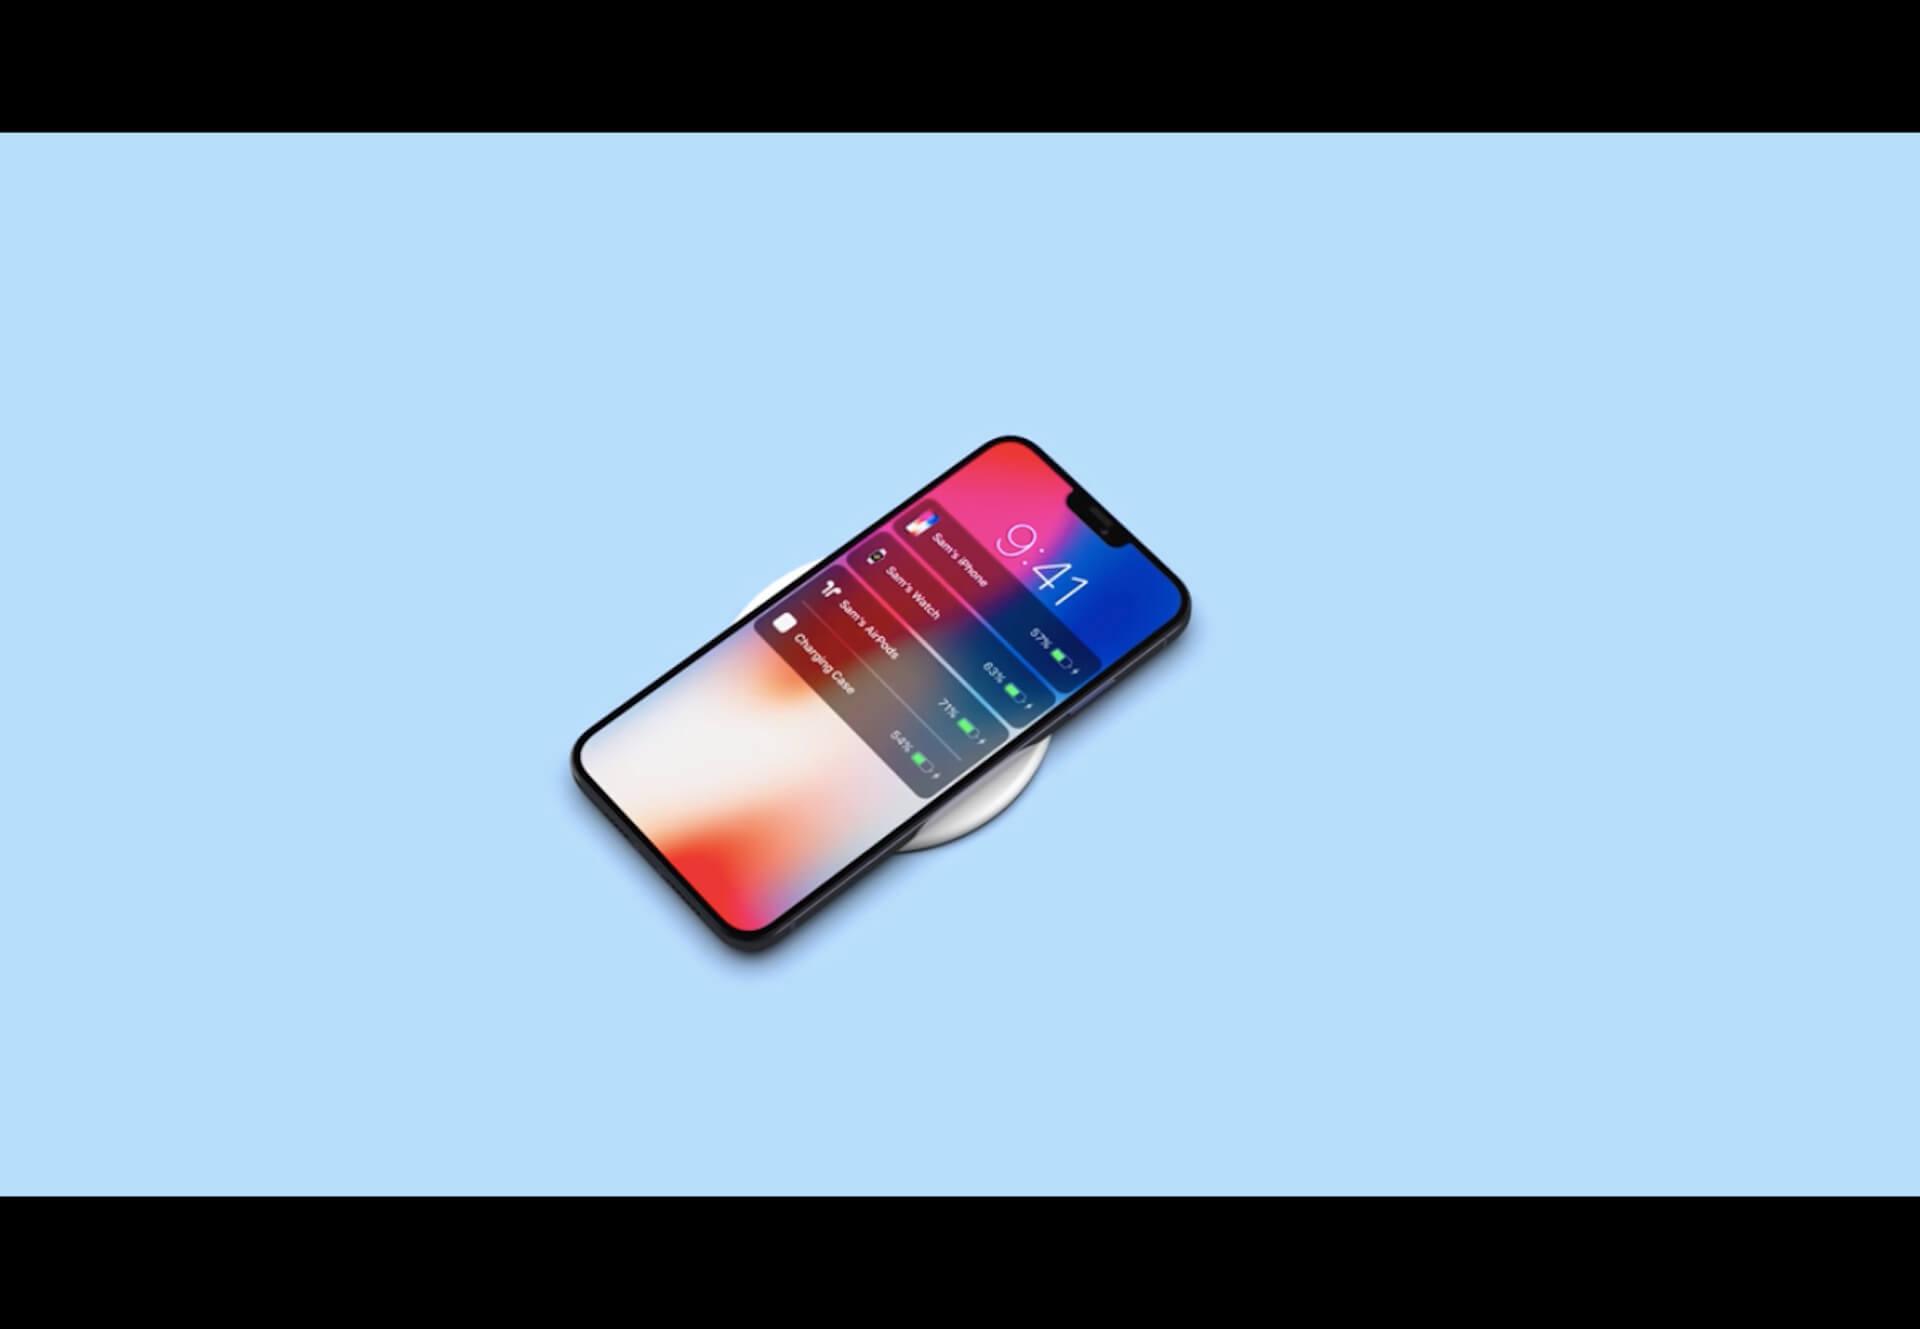 来年登場のiPhone 13はやはりポートレス化する?ノッチの縮小化も実現か tech201203_iphone13_main